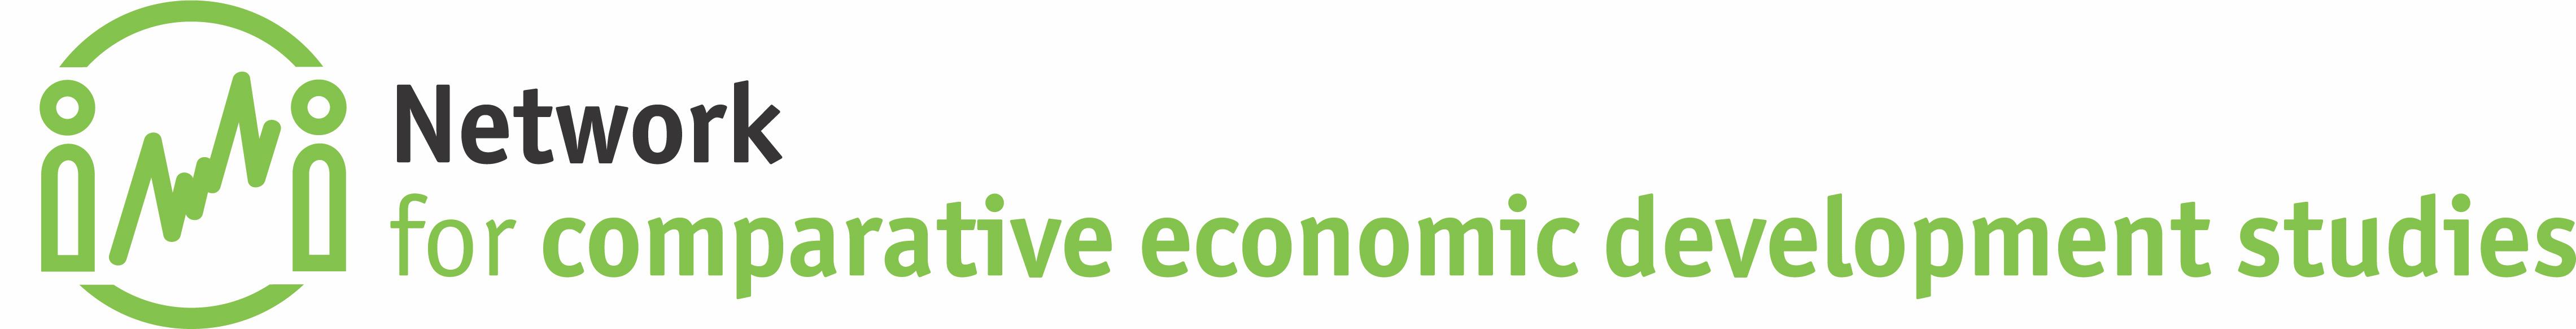 Past Events - Network for Comparative Economic Development Studies